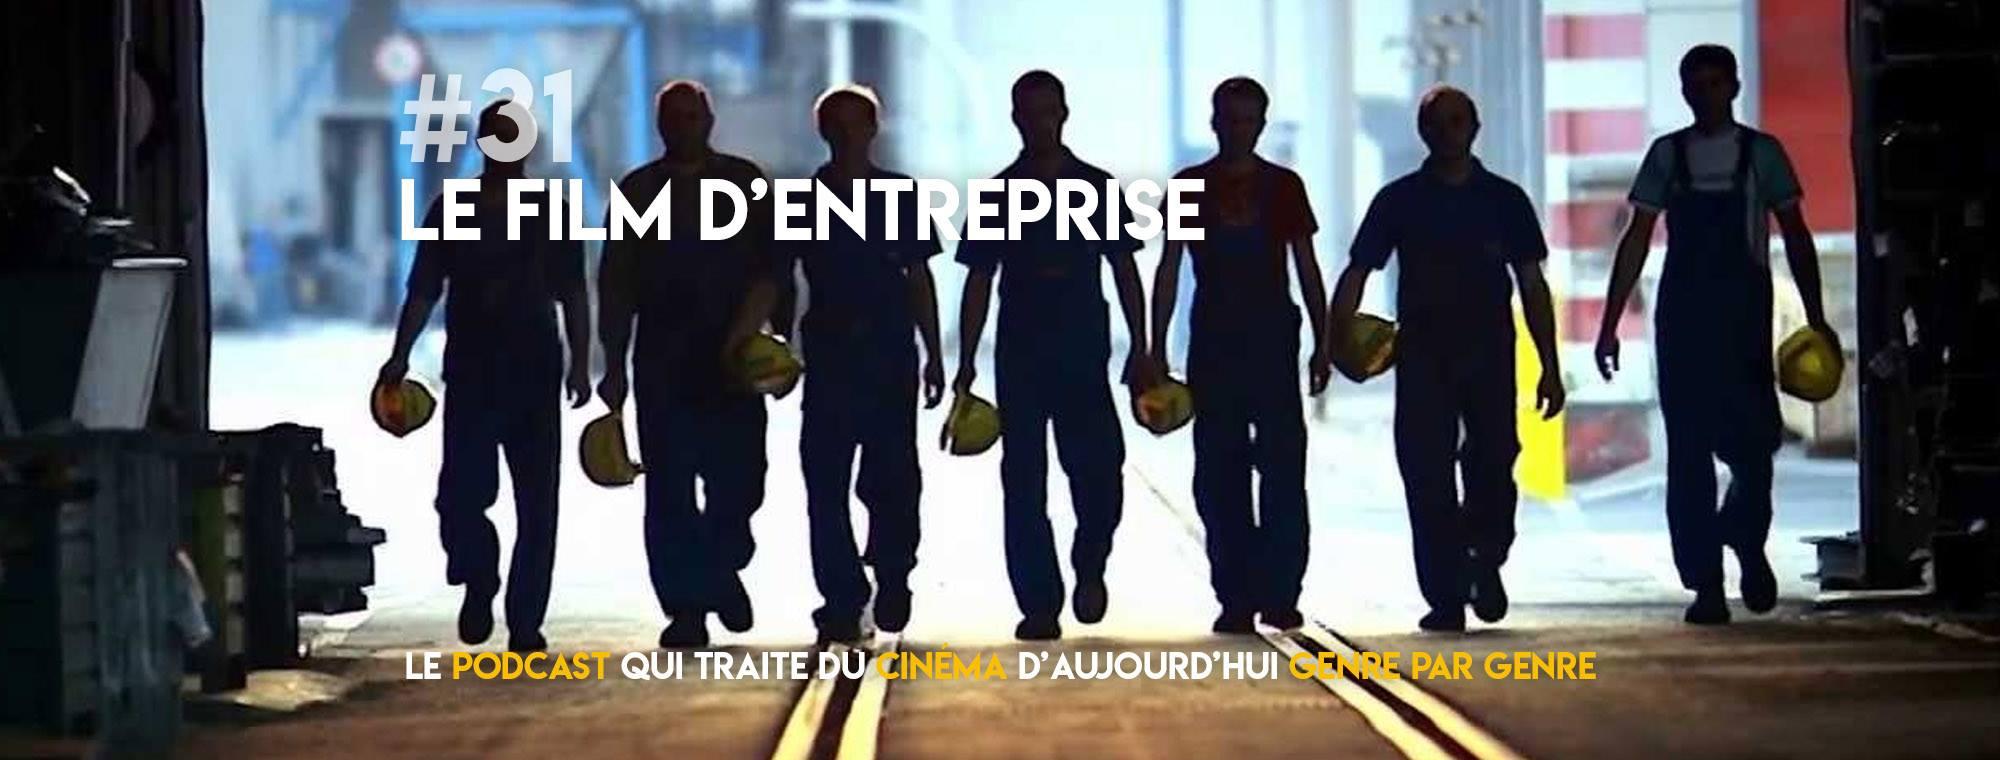 Parlons Péloches - #31 Le film d'entreprise